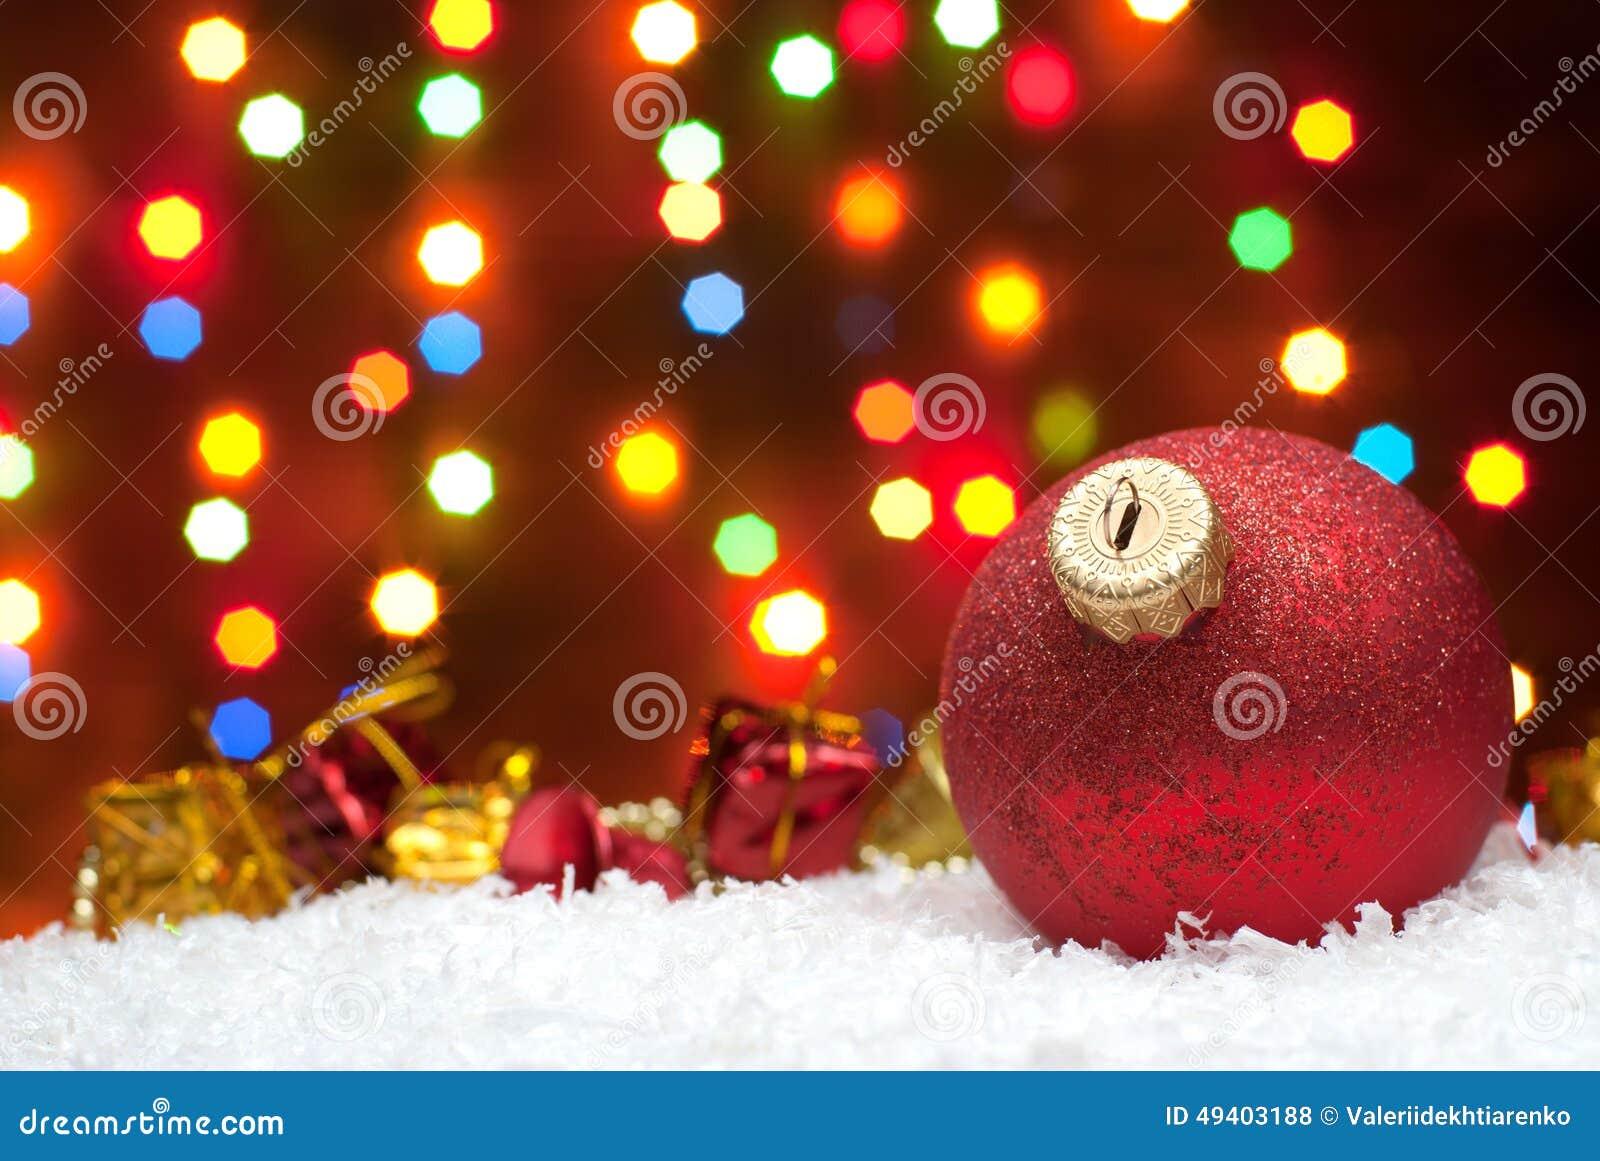 Download Weihnachten Spielt Im Schnee Mit Einem Weihnachtsbaum Mit Girlanden O Stockfoto - Bild von auszug, dekoration: 49403188